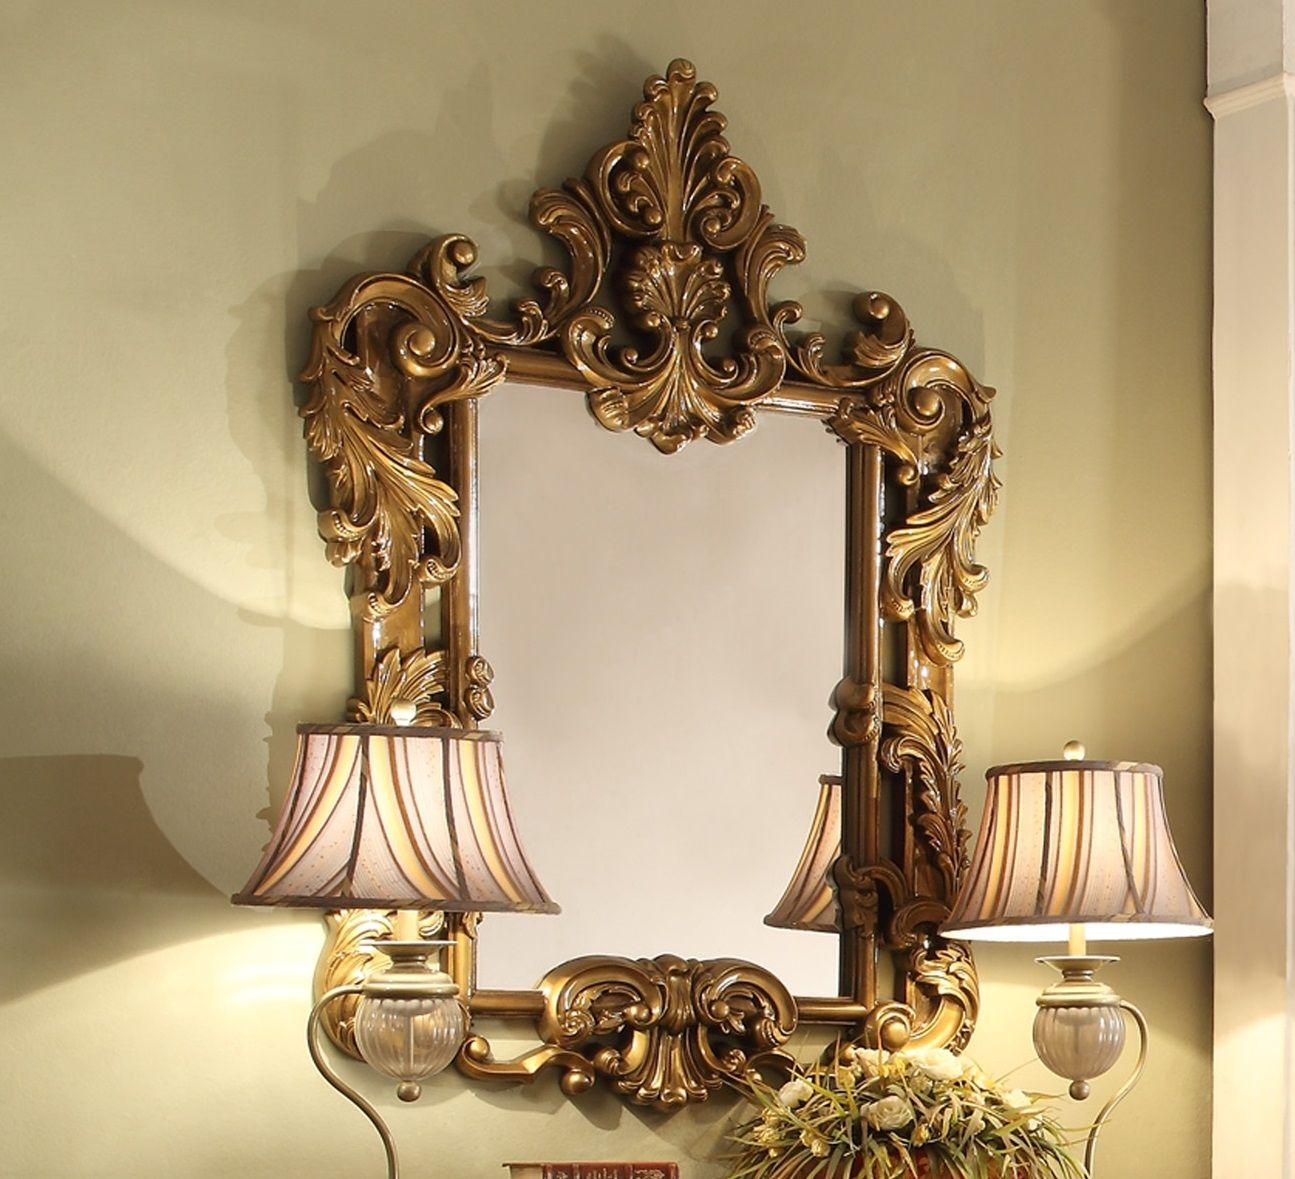 Raumideen über küchenschränken victorian spiegel zum verkauf spiegel  spiegel in   pinterest